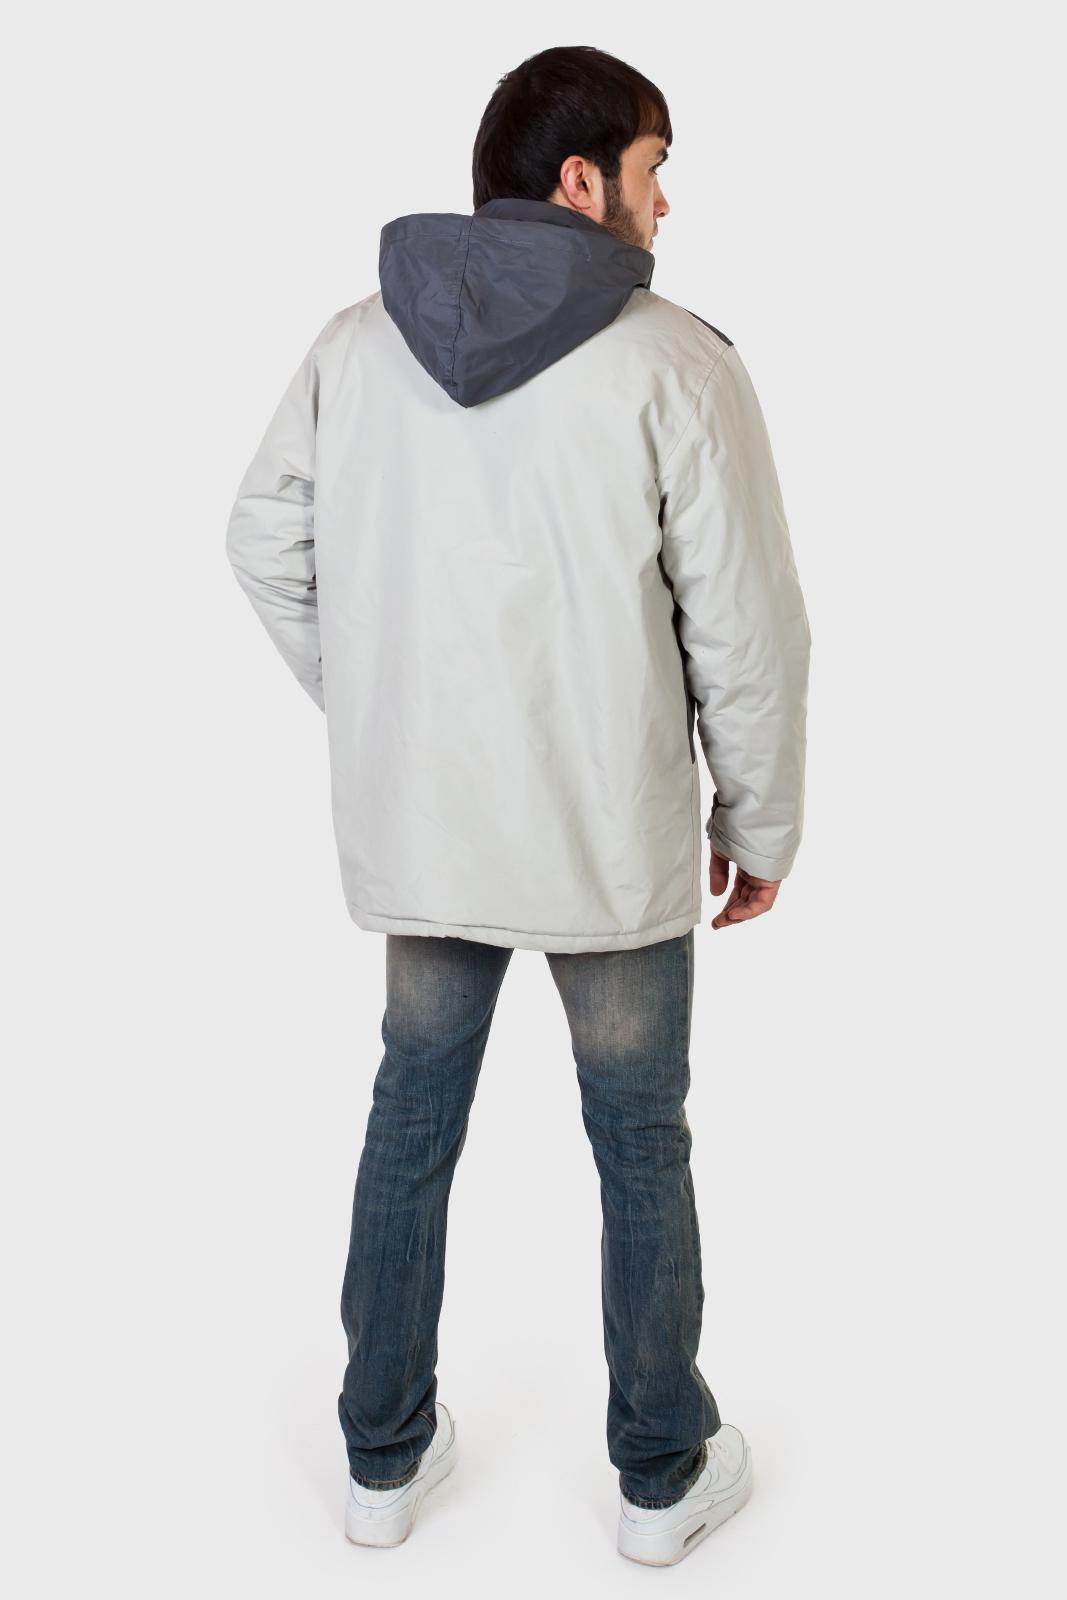 Мужская куртка на флисе Atlas For Men доступна для заказа